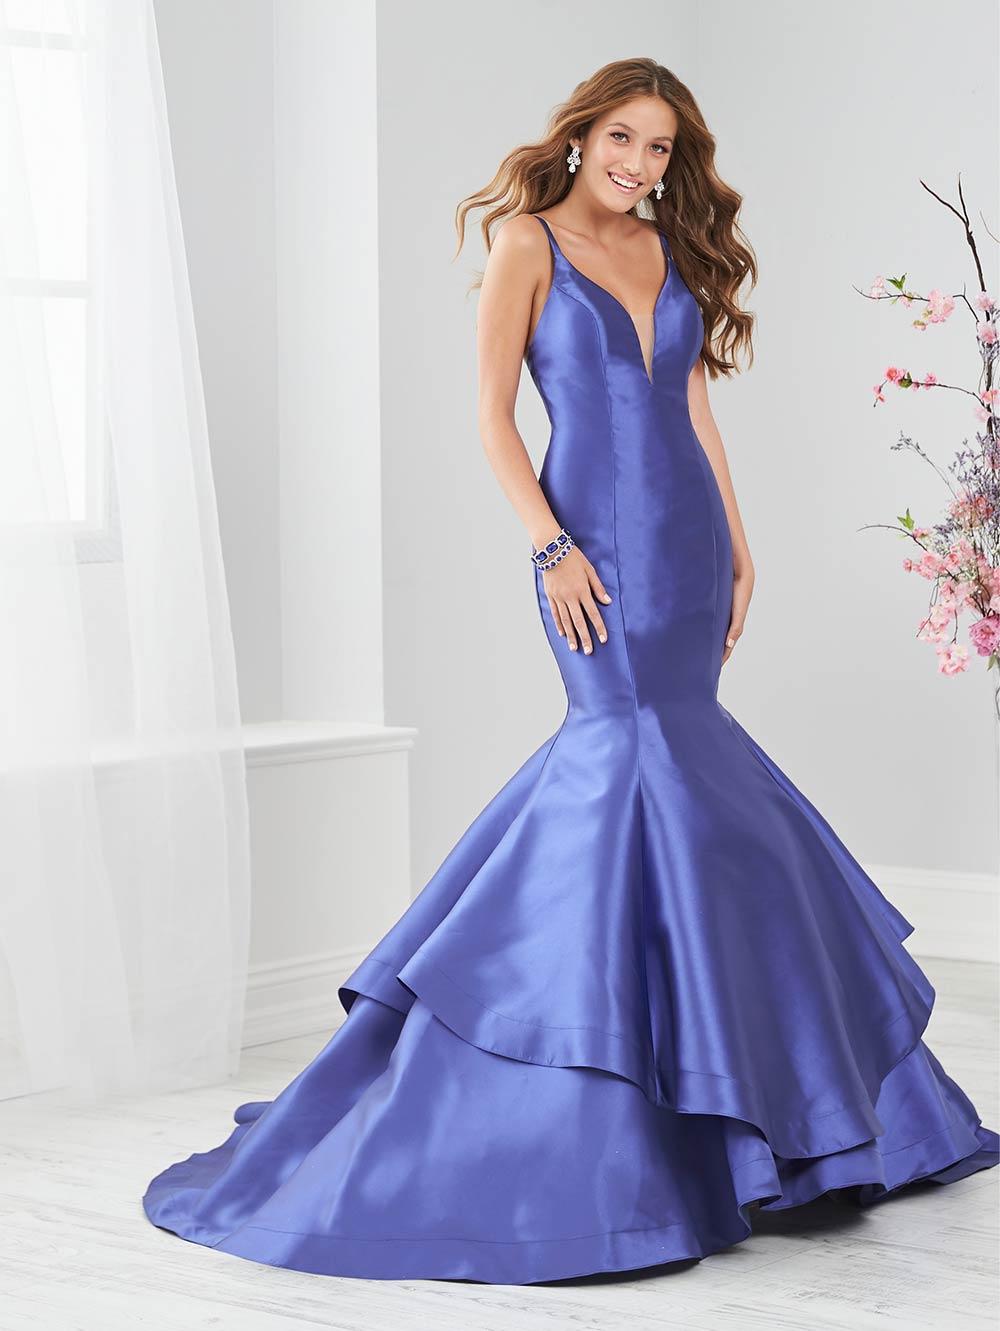 prom-dresses-jacquelin-bridals-canada-27886